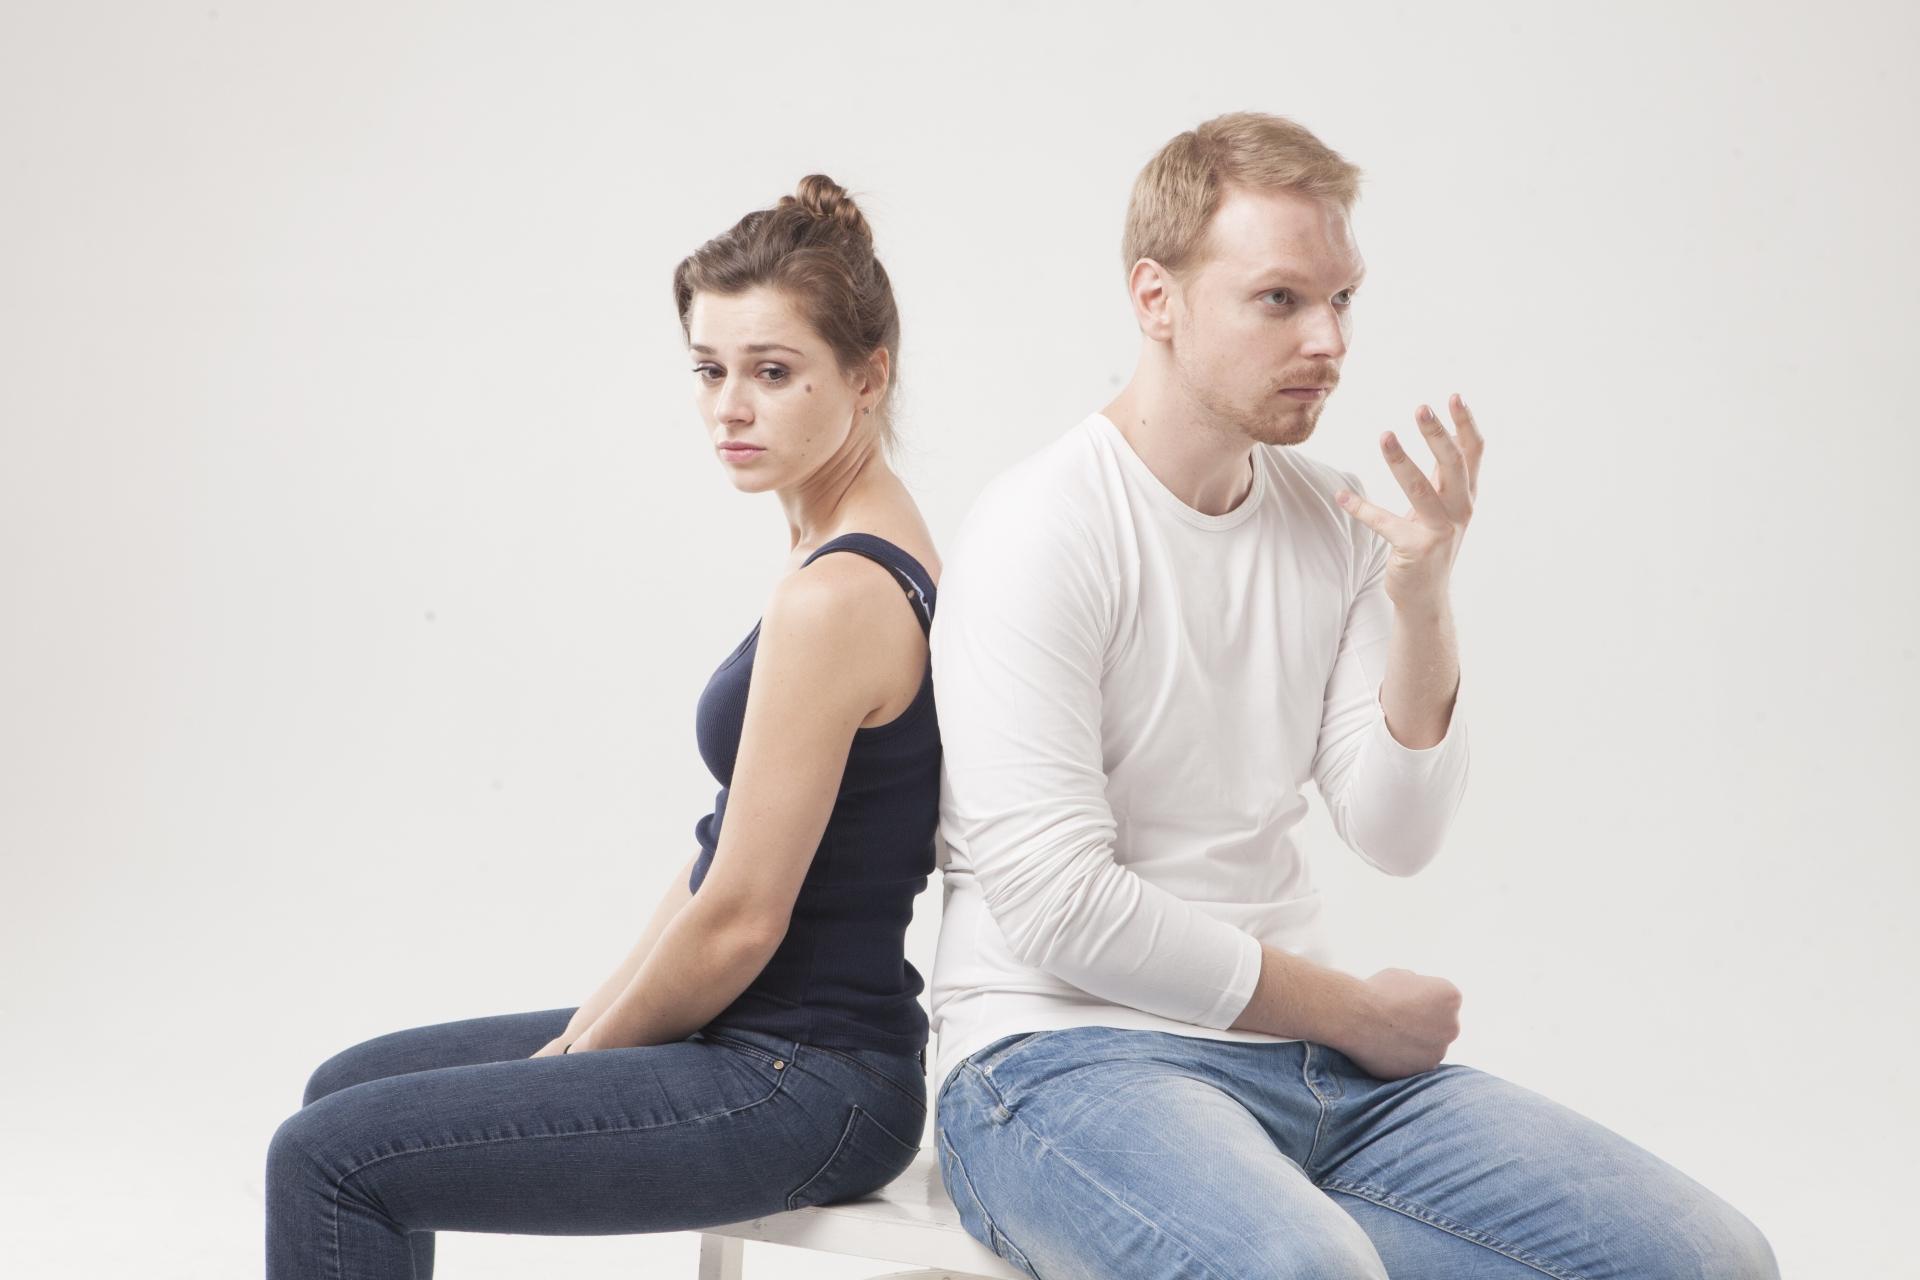 夫婦喧嘩で仲直りができない人の特徴。上手く夫婦を続けるコツも紹介